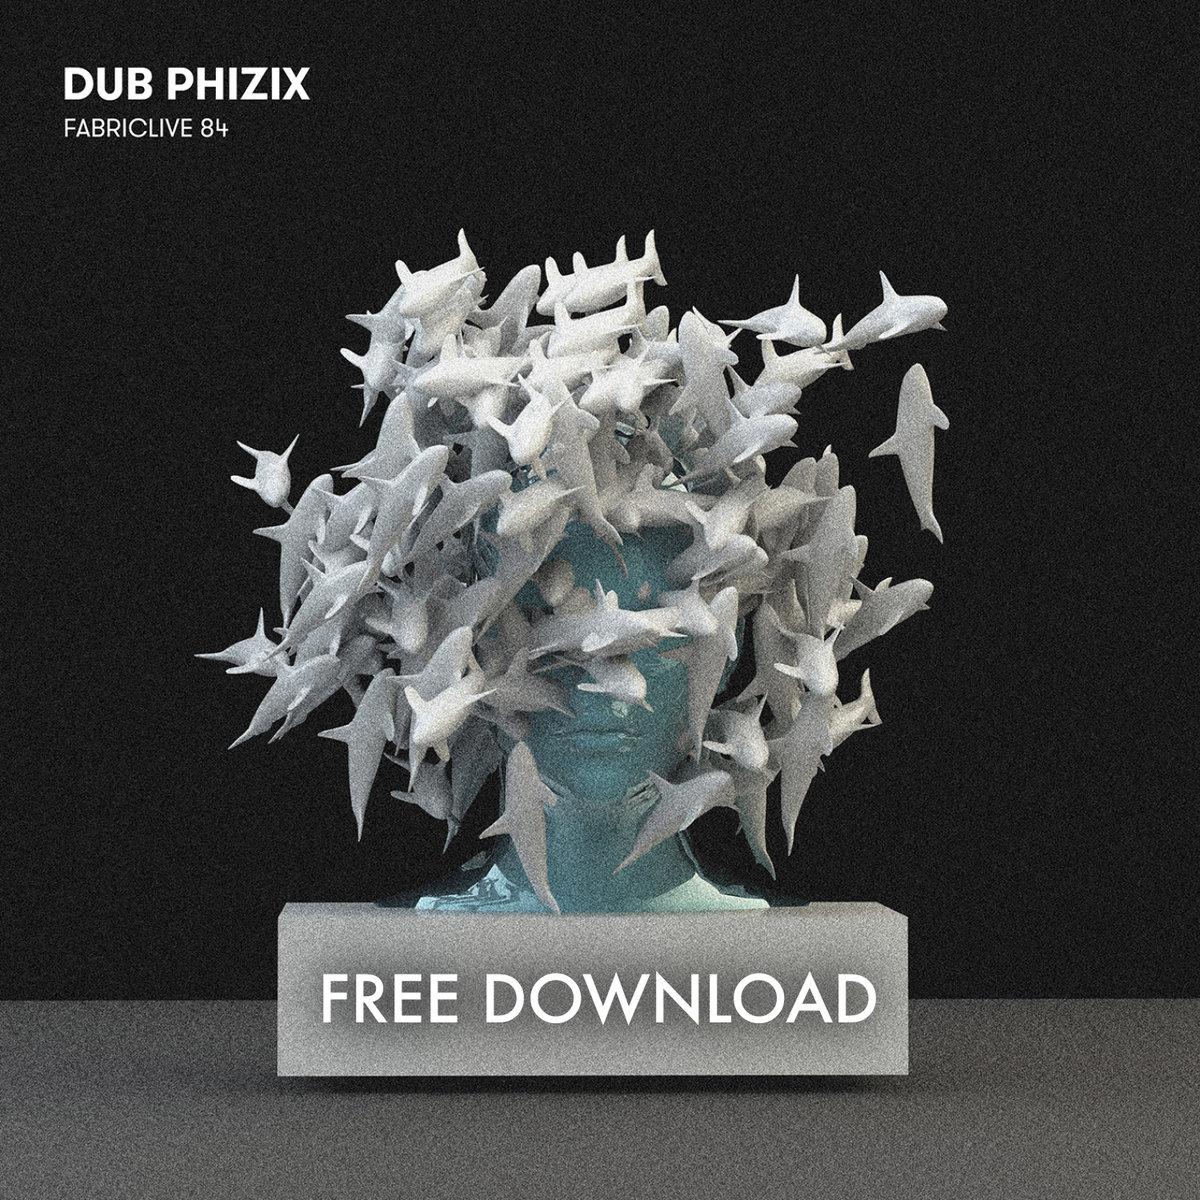 [Free] Dub Phizix - Fabriclive 84 Free Tunes